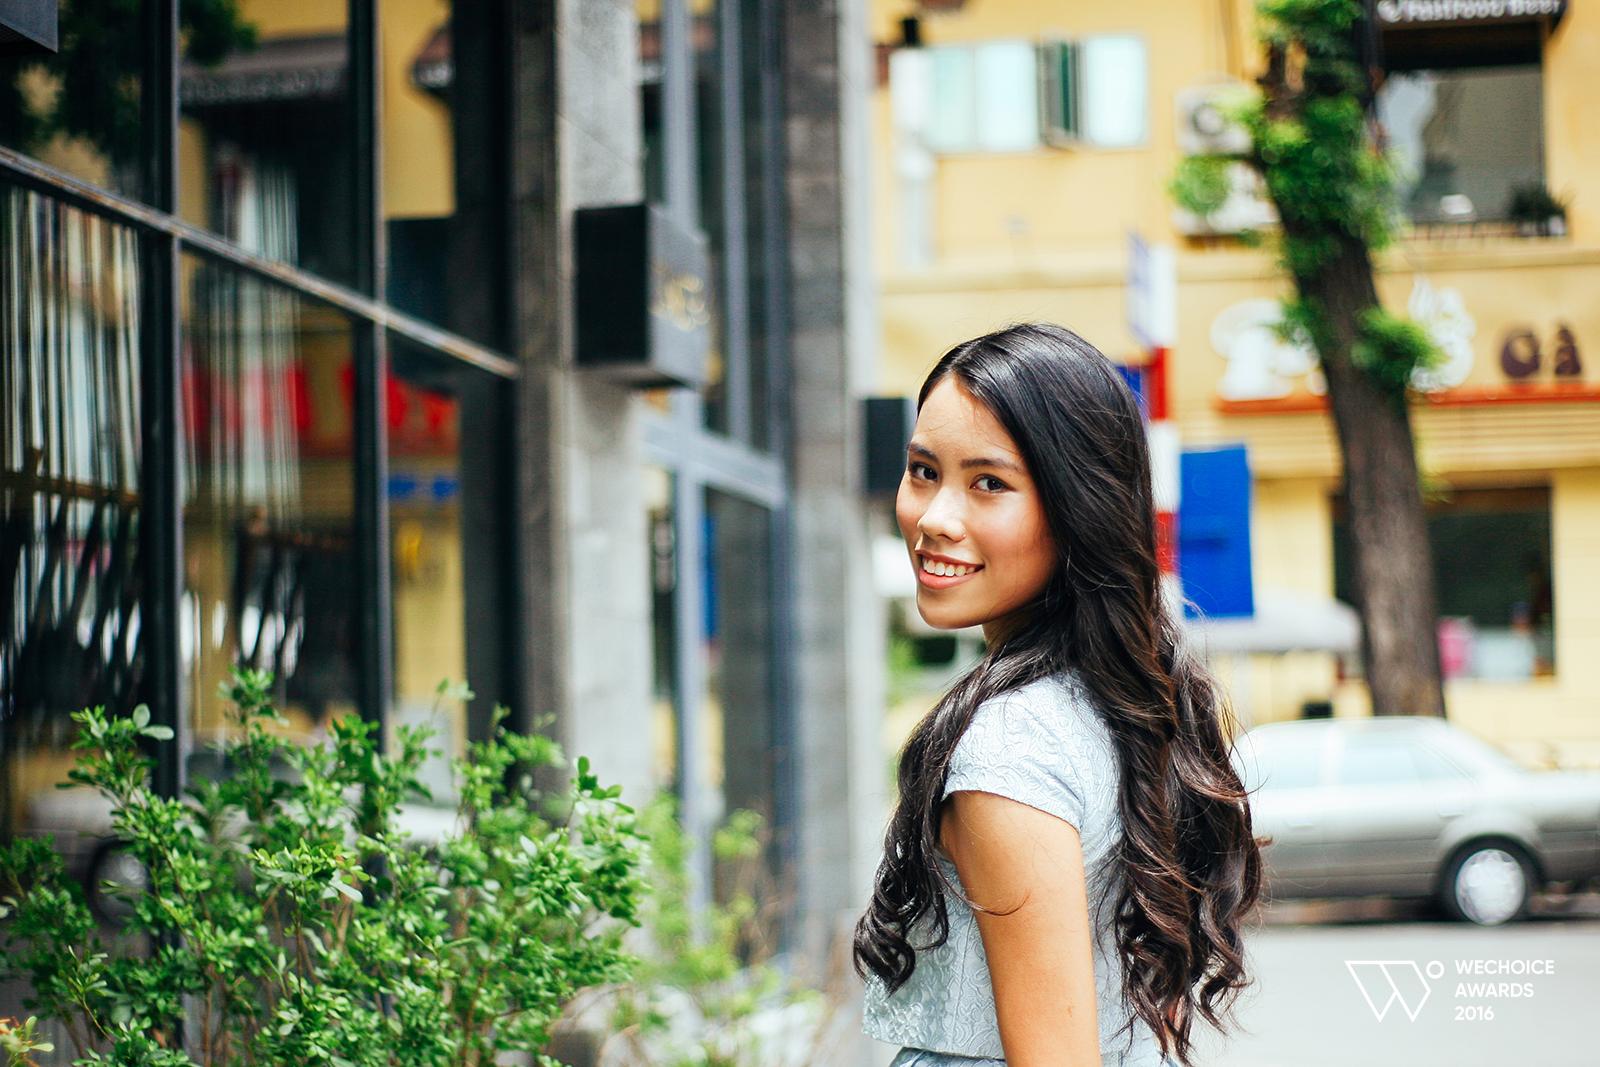 Nữ sinh 17 tuổi mang hội thảo Mô phỏng Liên Hợp Quốc về cho các bạn trẻ Việt Nam - Ảnh 7.